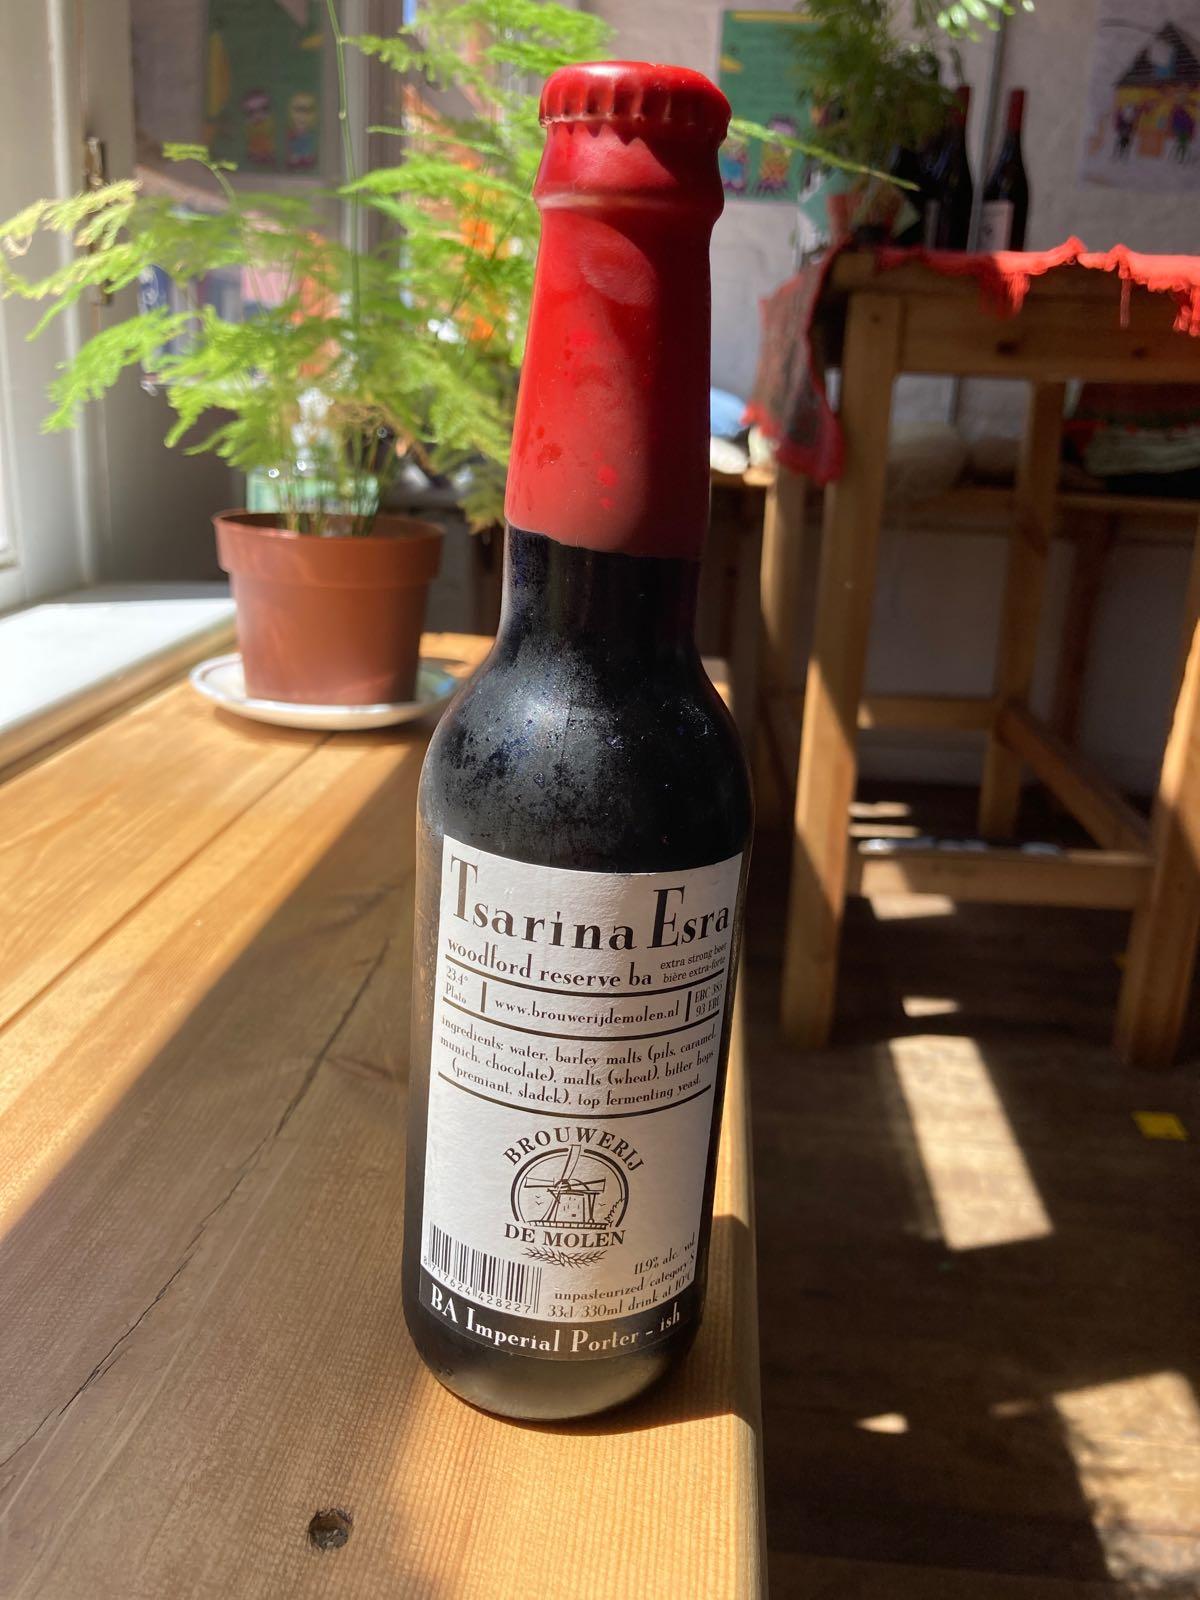 Brouwerij de Molen - Tsarina Esra (11.9% Barrel Aged Imperial Porter)